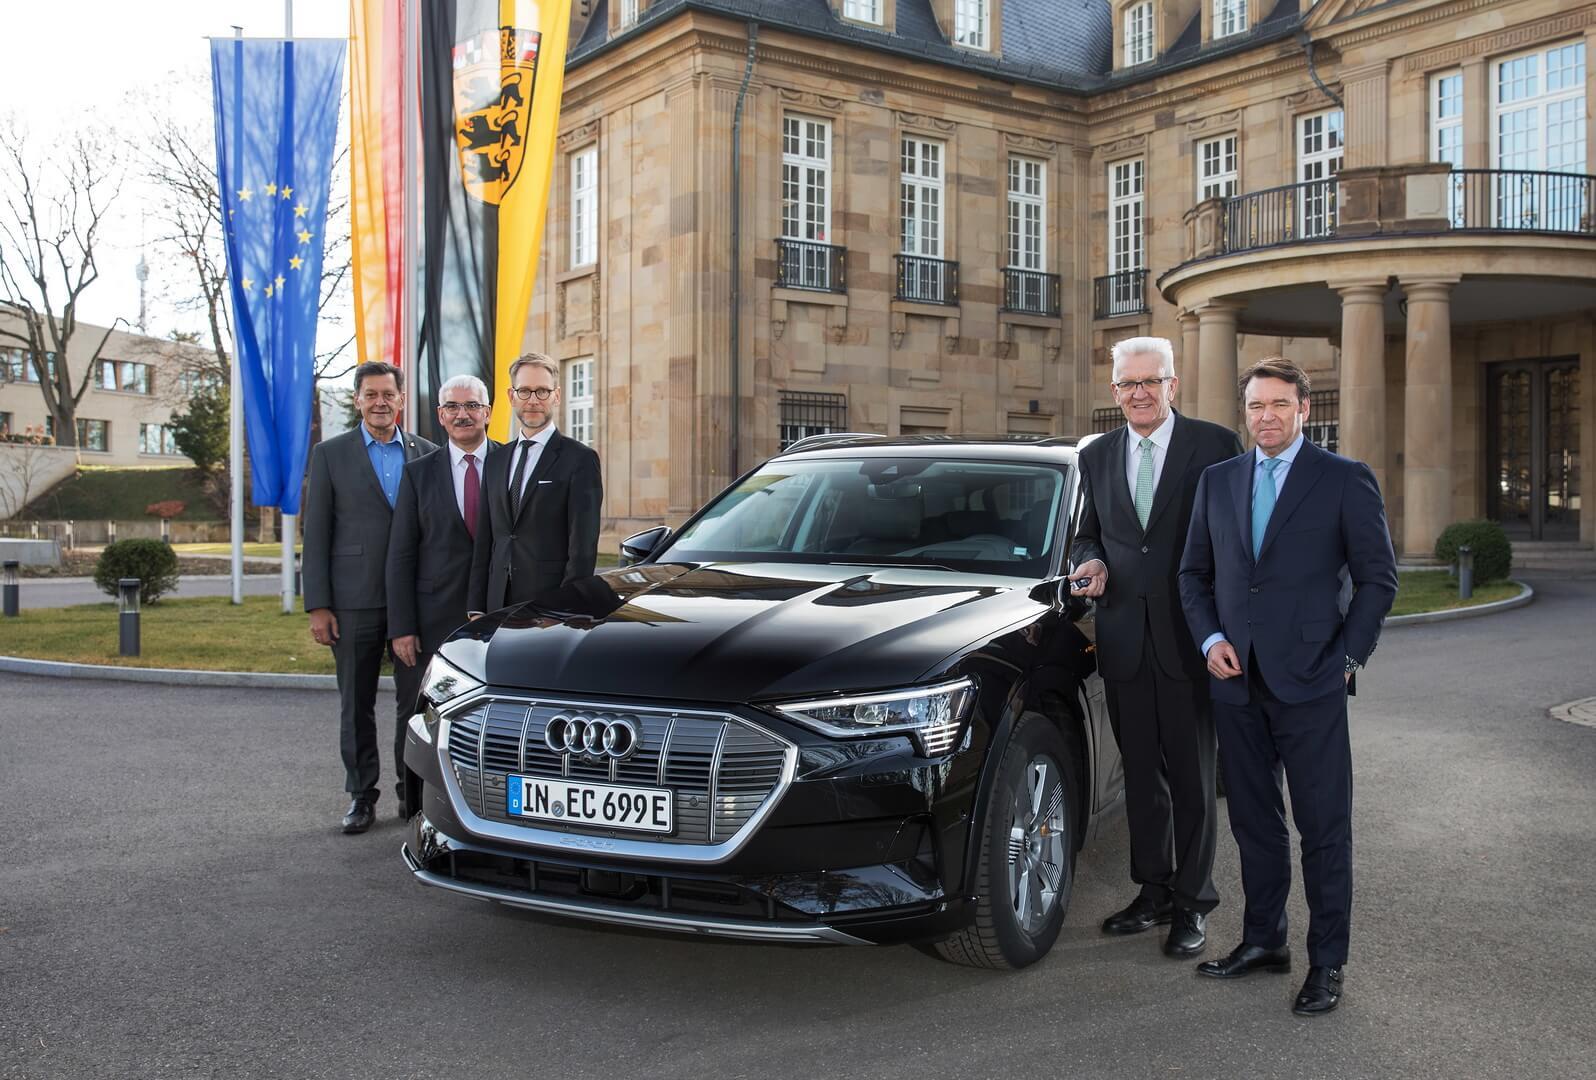 Генеральный директор Audi Брэм Шот вручил ключи отэлектрокросовера Винфриду Кречманну